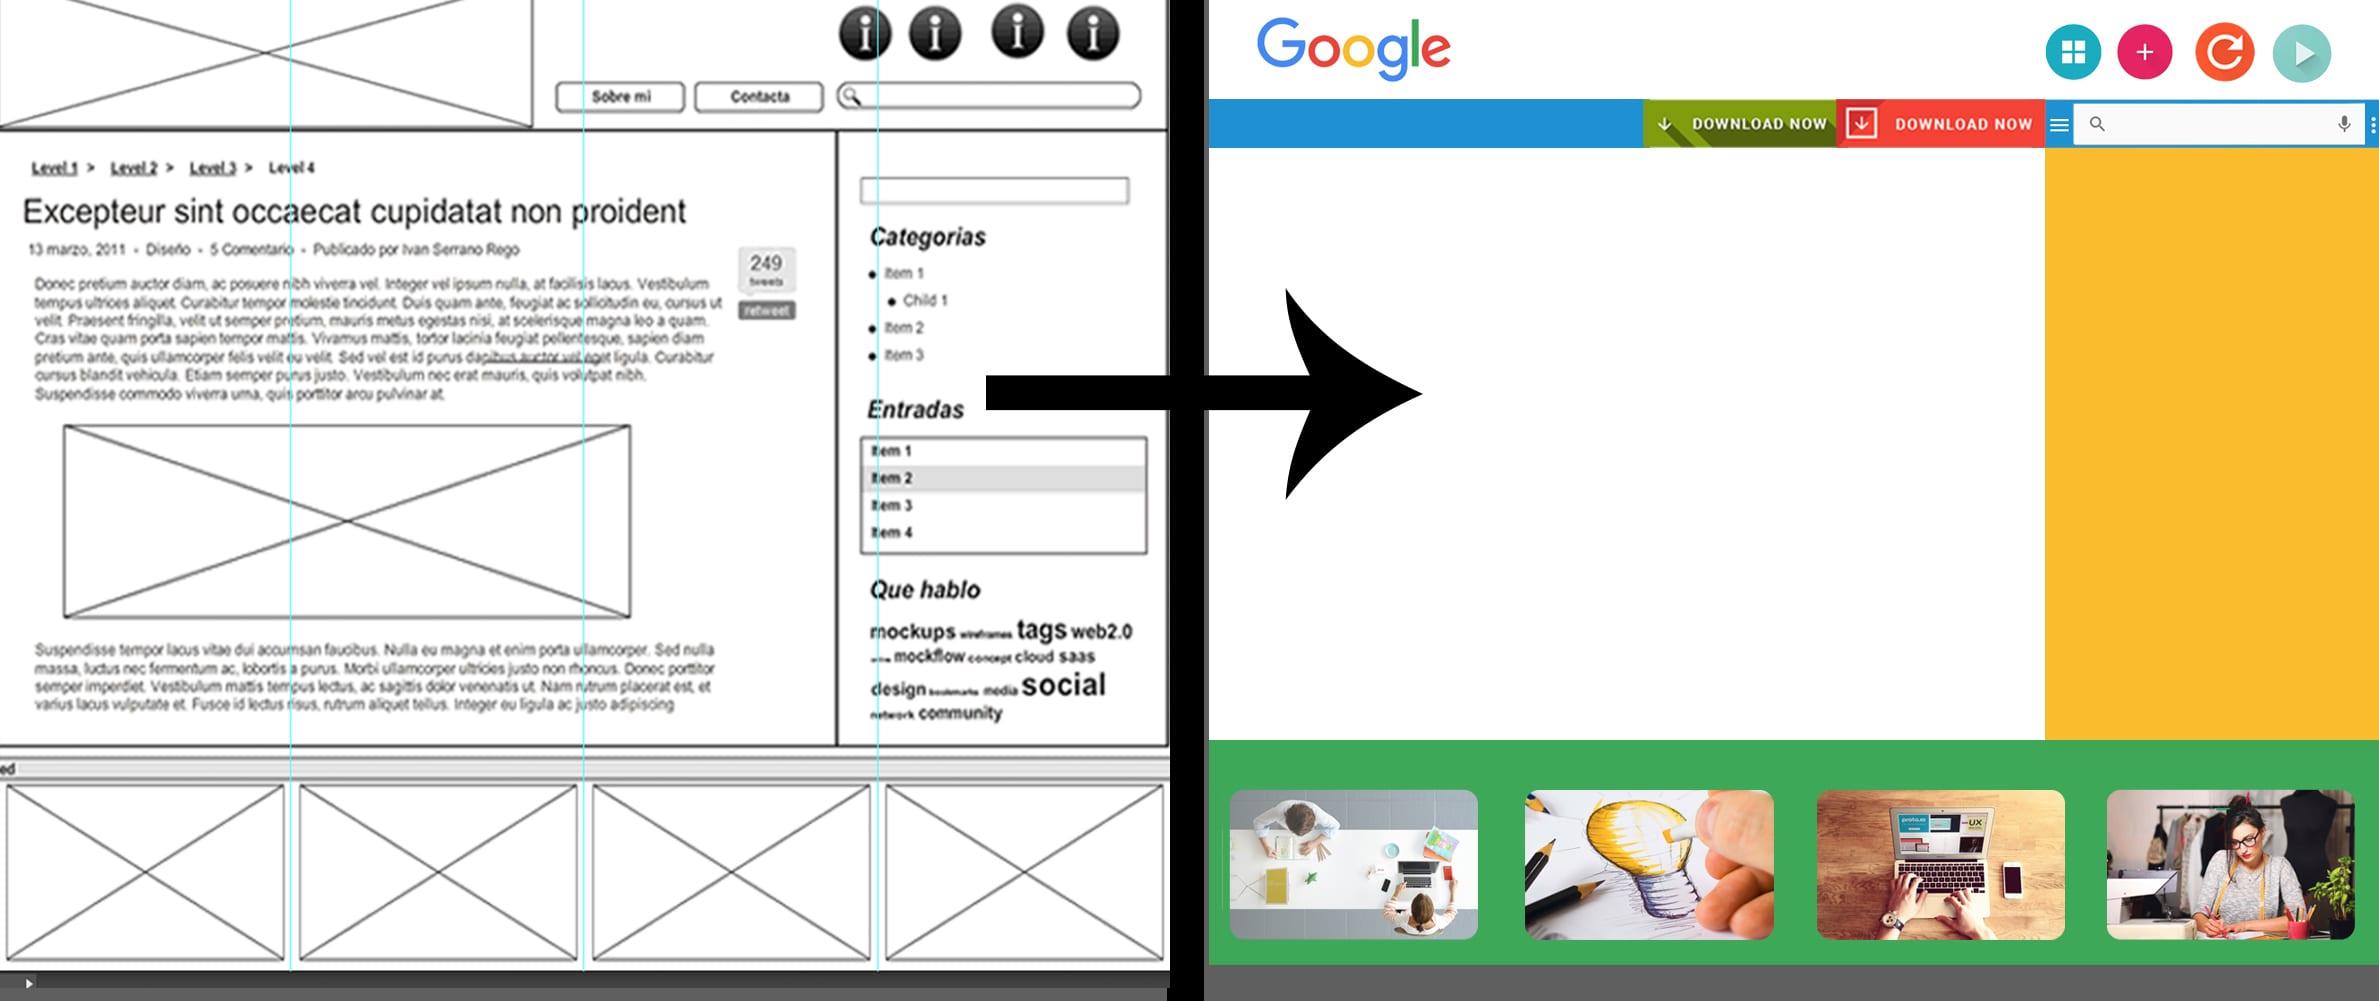 Tutorial: Cómo maquetar una página web con Adobe Photoshop